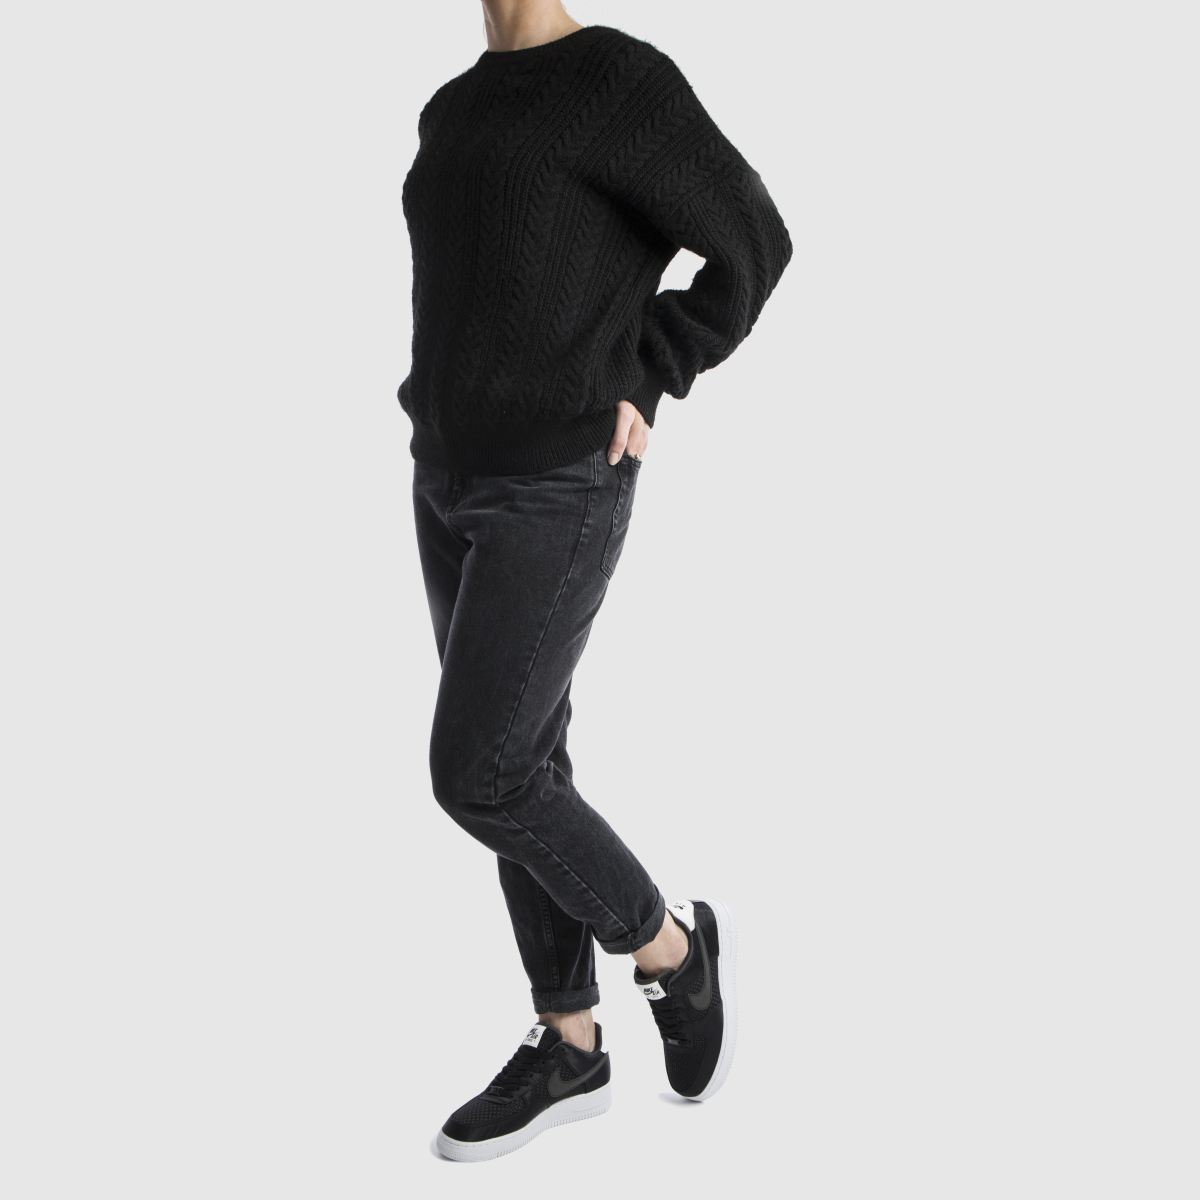 Damen Schwarz-weiß nike Air Force 1 07 Se Sneaker beliebte   schuh Gute Qualität beliebte Sneaker Schuhe e67e9f